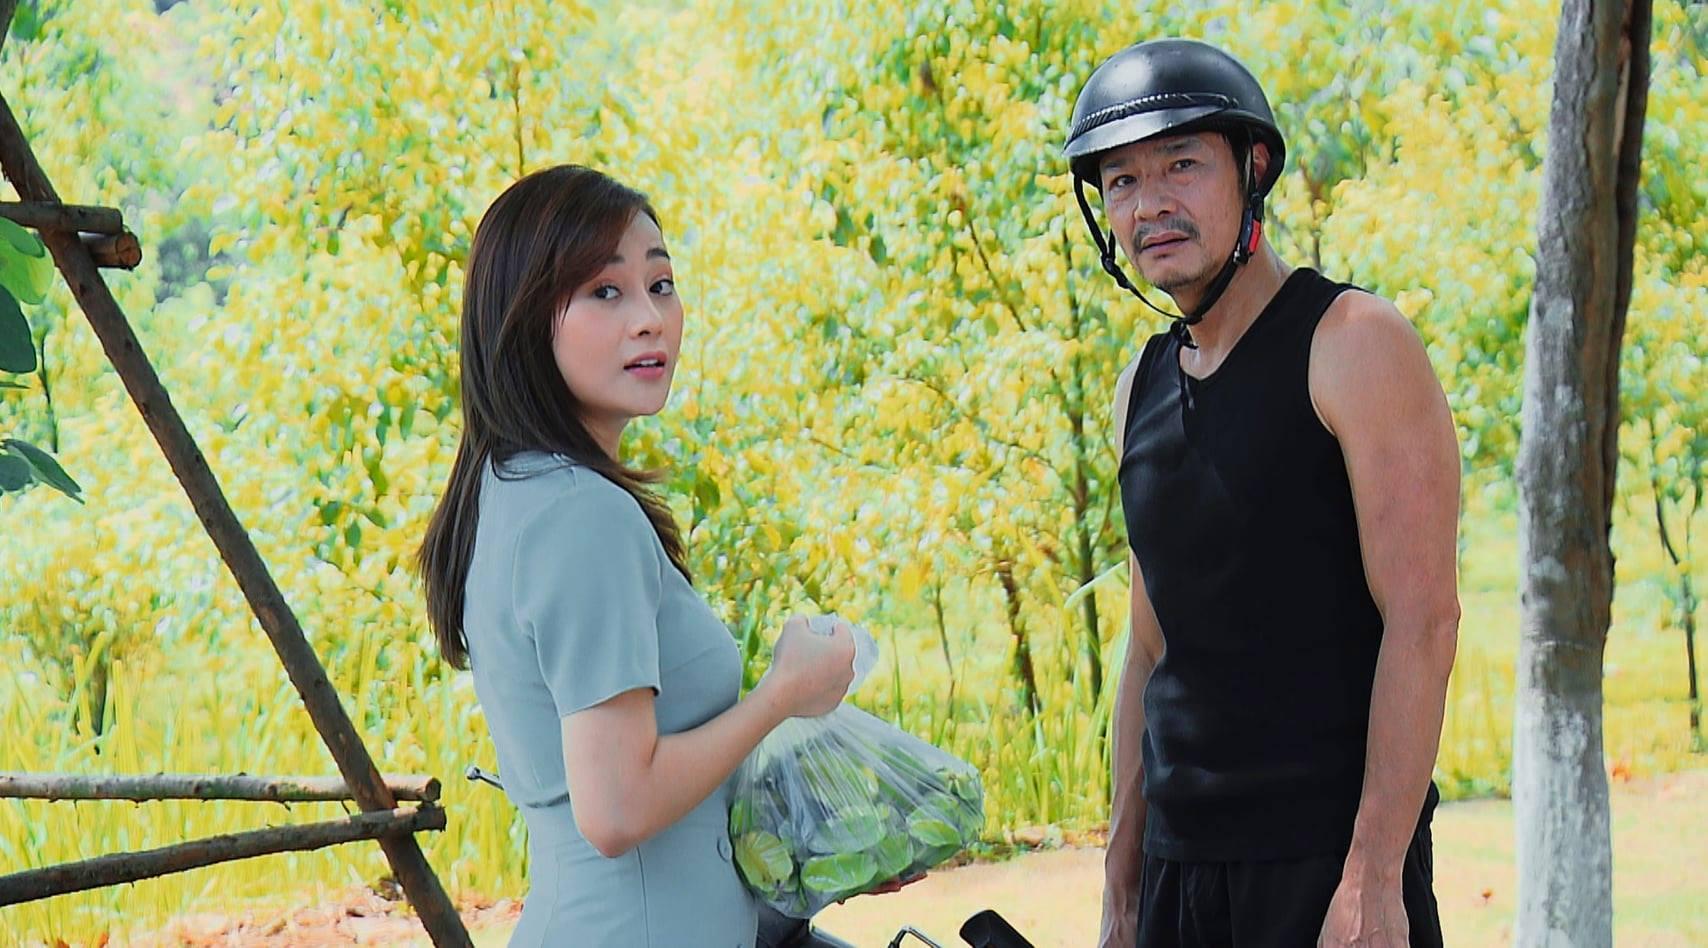 Biên kịch 'Hương vị tình thân' Trịnh Khánh Hà chia sẻ lý do các ông bố trong phim ít bị 'ném đá' hơn các bà mẹ 2